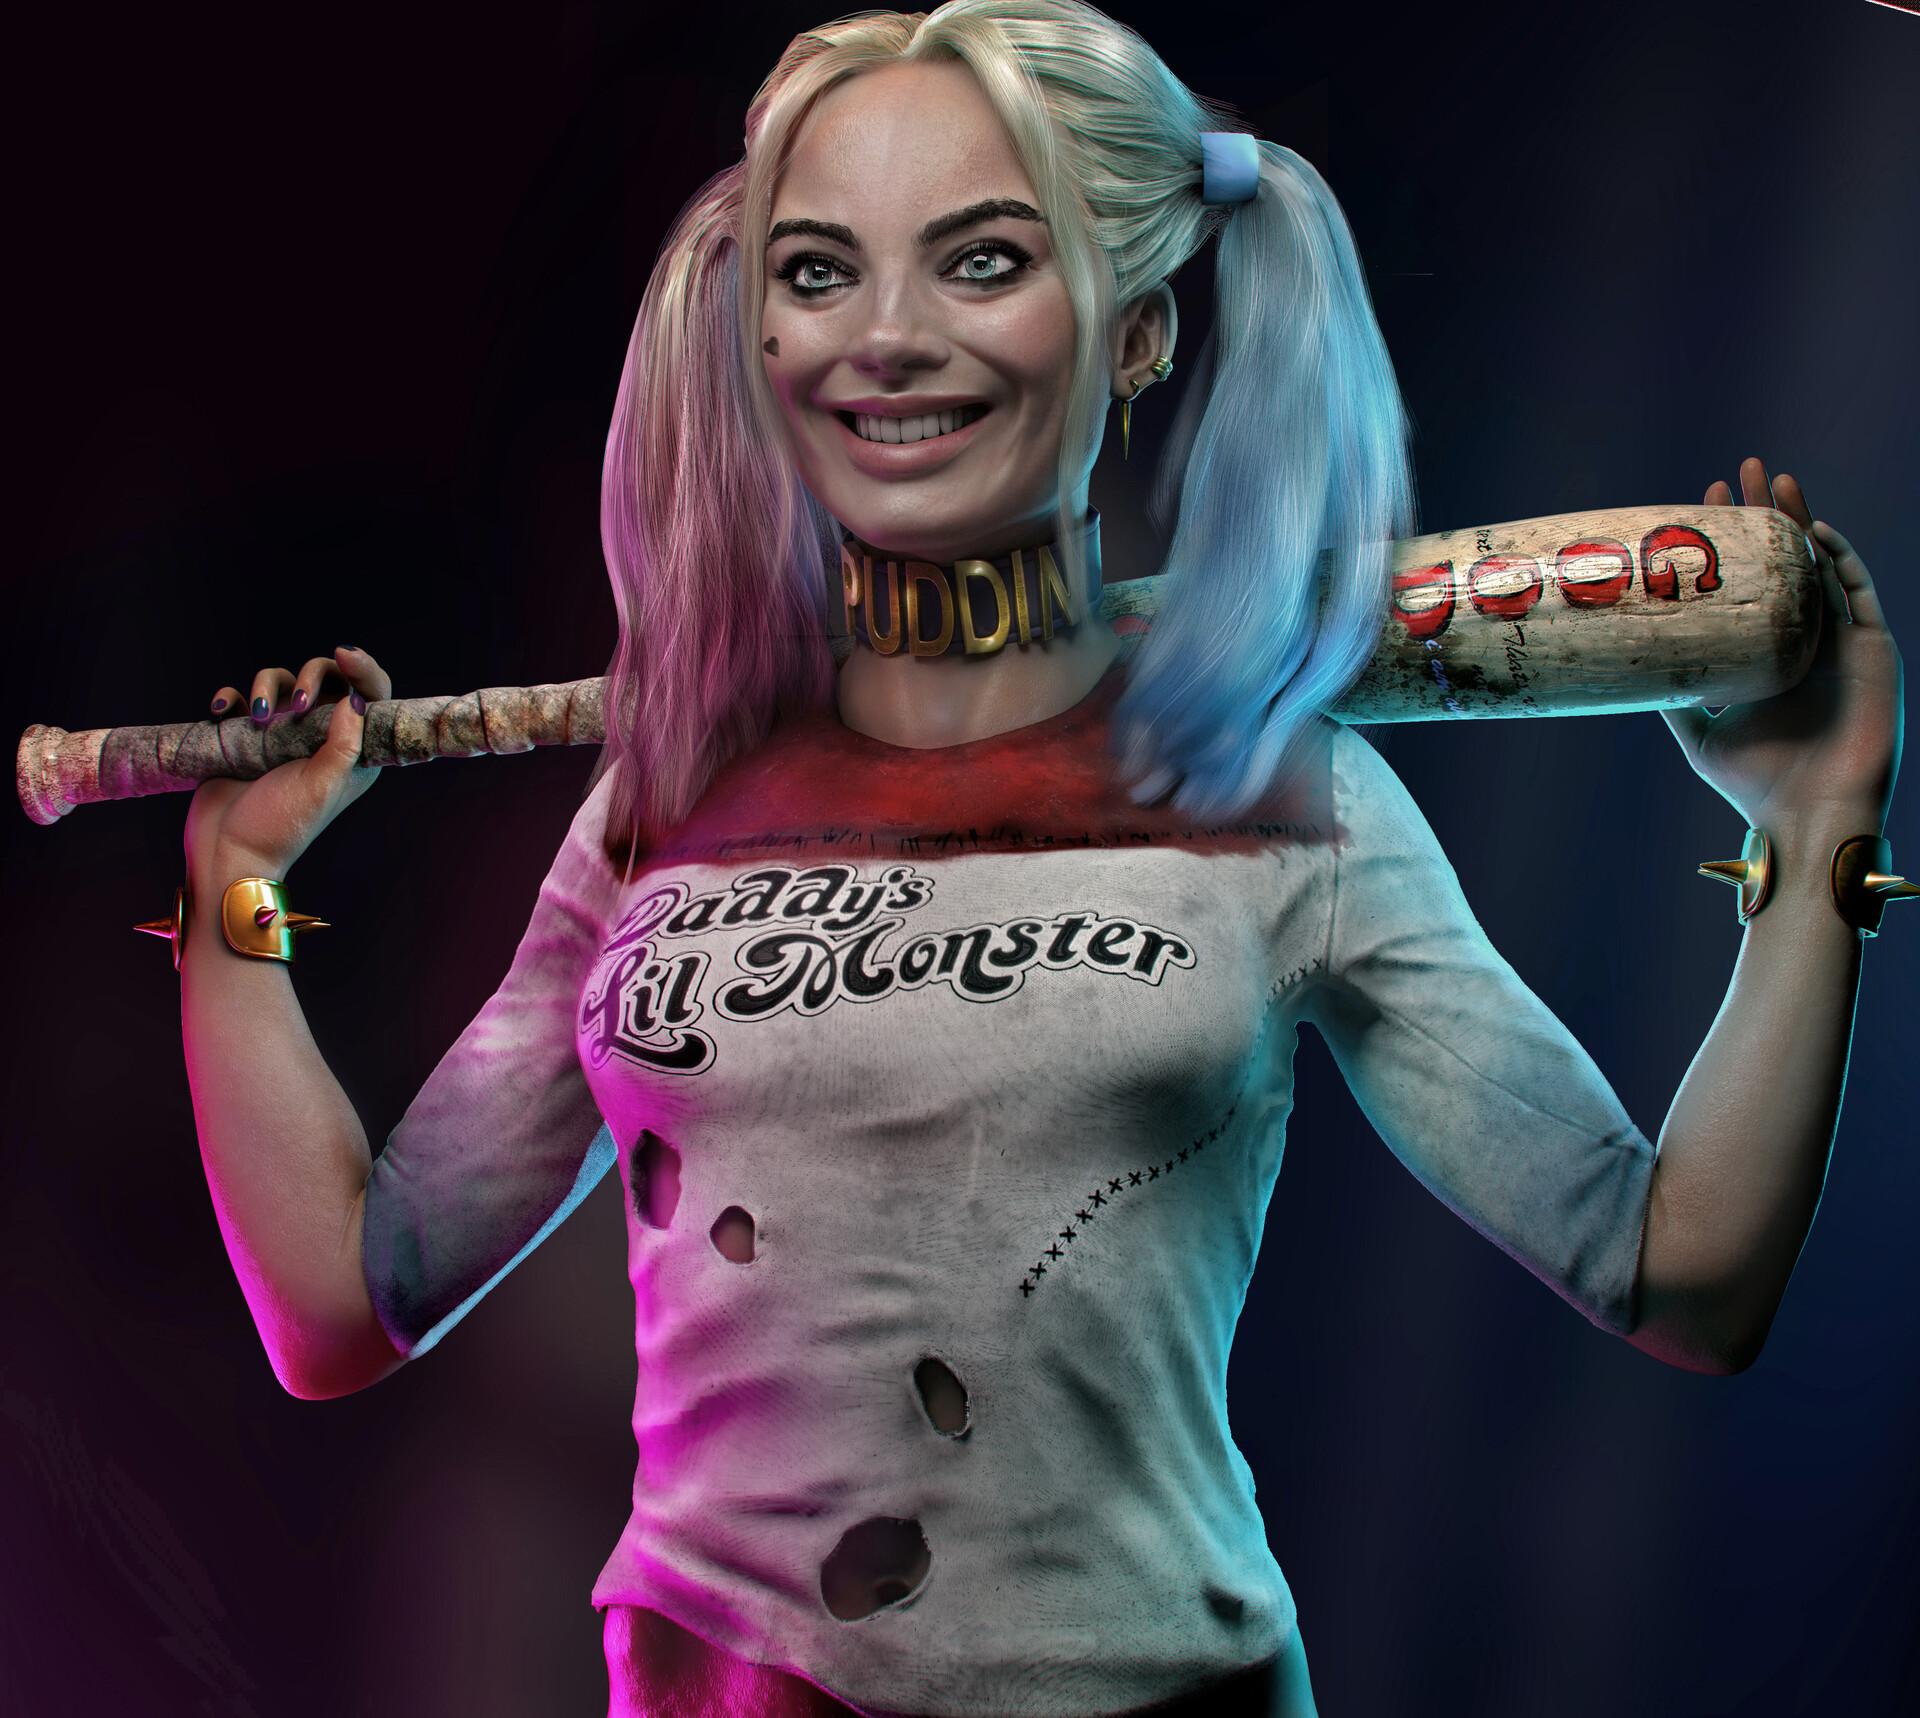 3D Harley Quinn Porn artstation - harley quinn 3d art, ivailo ivanov